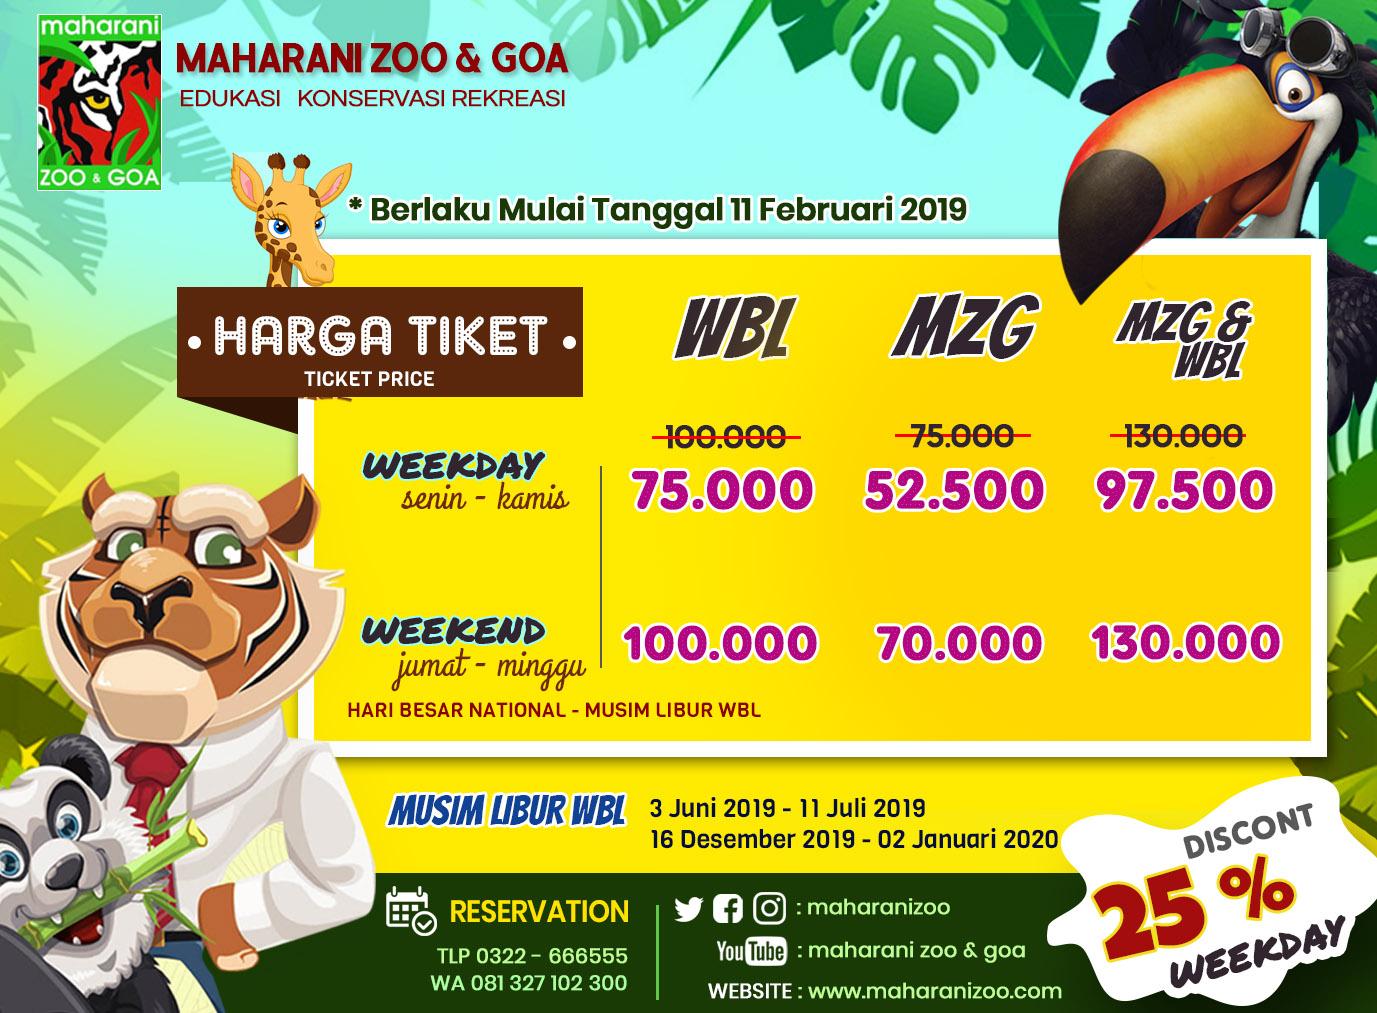 Harga Tiket Masuk Maharani Zoo And Goa